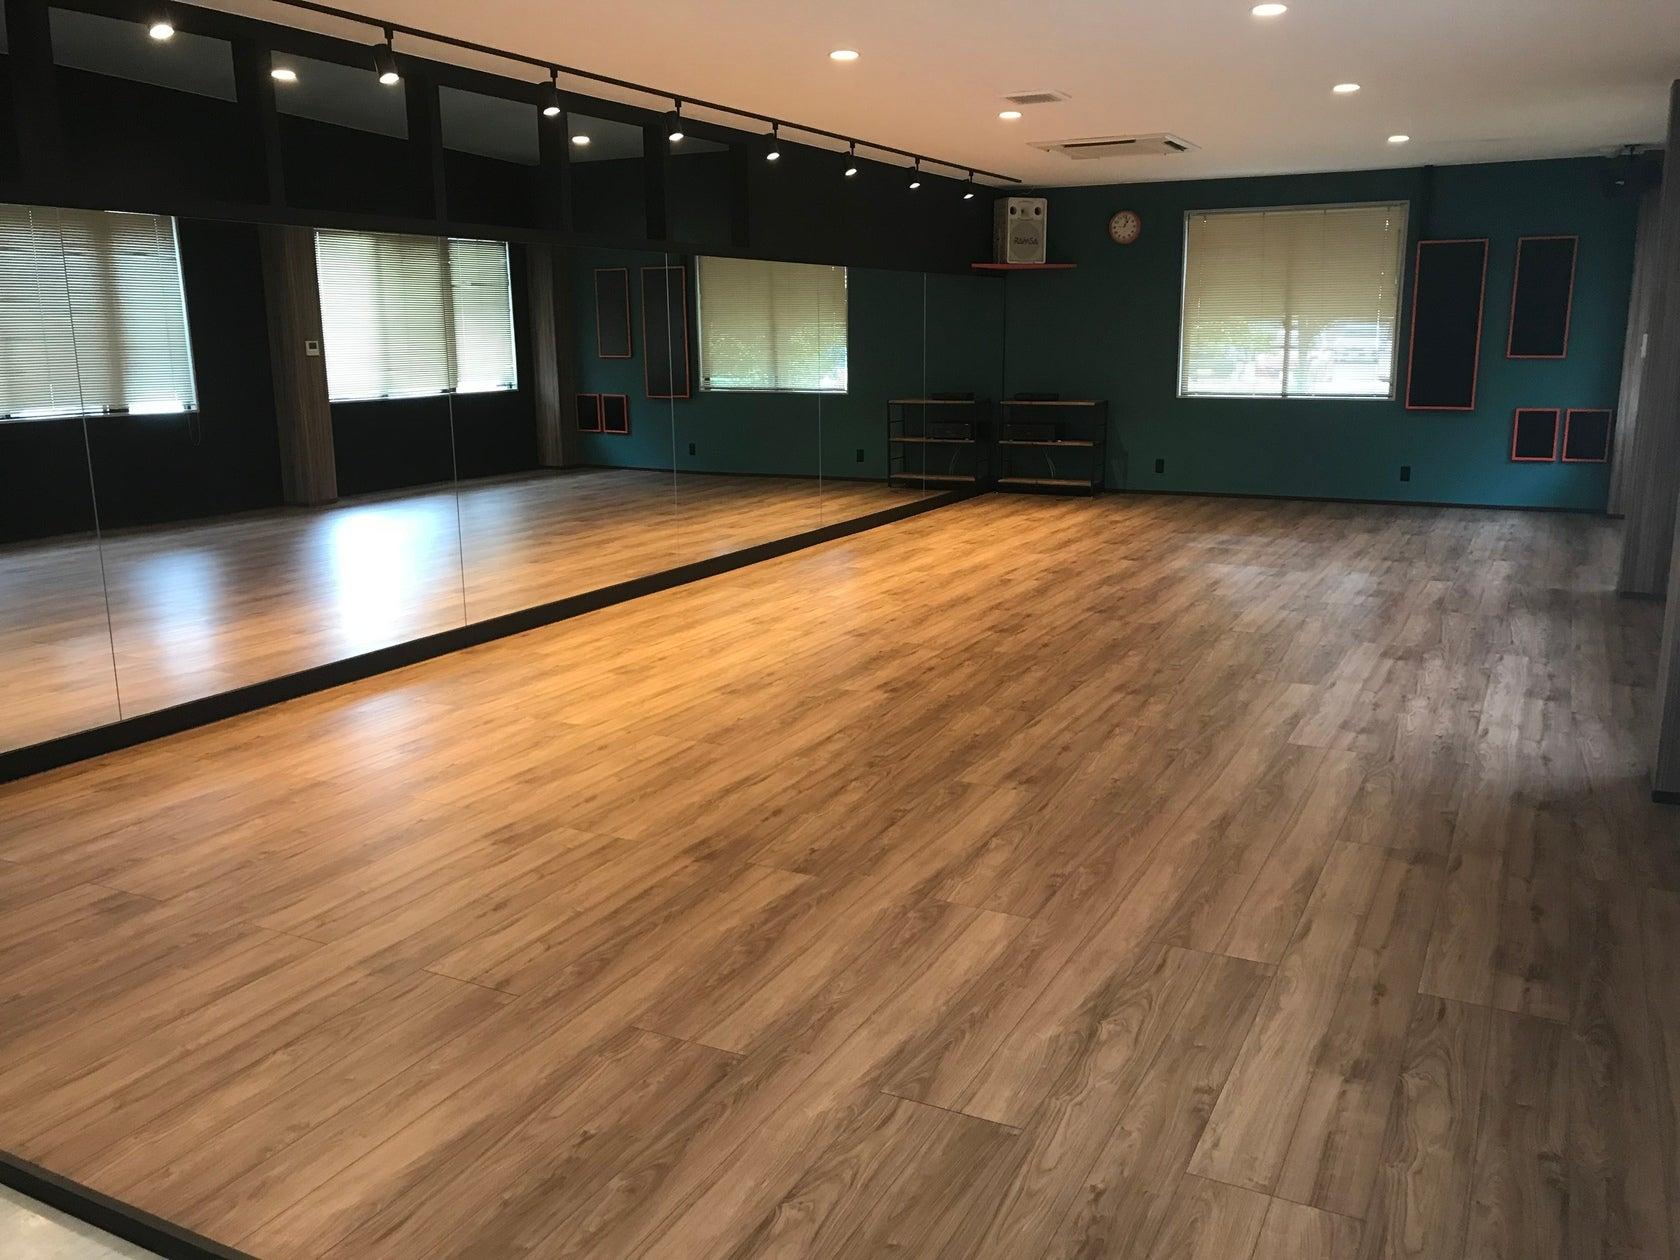 高崎市街地まで車で15分!広々とした快適な空間が2部屋あり、最大60名収容!駐車場30台可能!(一階はダンス、二階は60名収容可能、研修、会議、ダンスなどで使用できる多目的ルームです!) の写真0